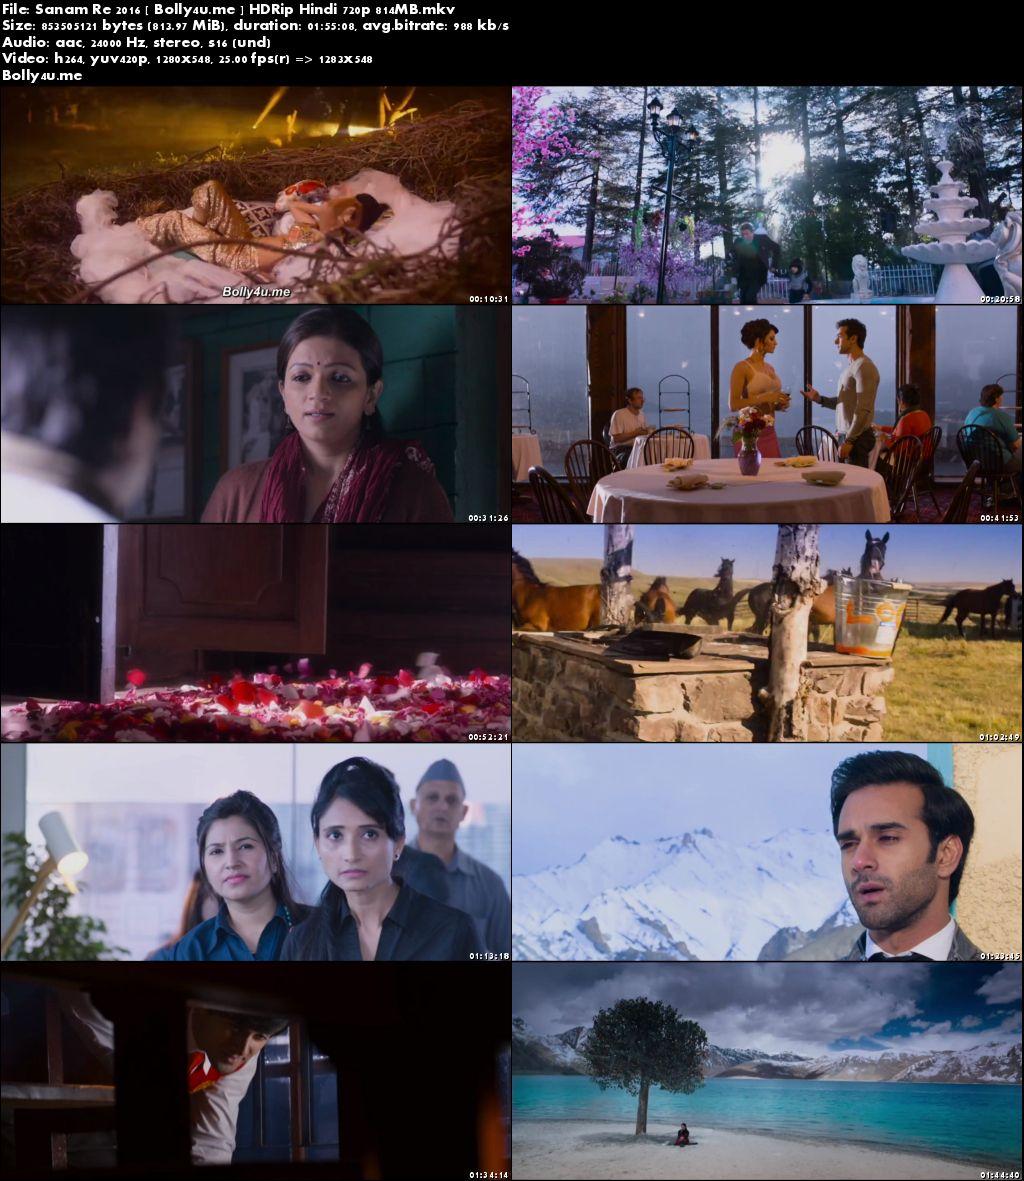 Sanam Re 2016 HDRip 800MB Full Hindi Movie Download 720p